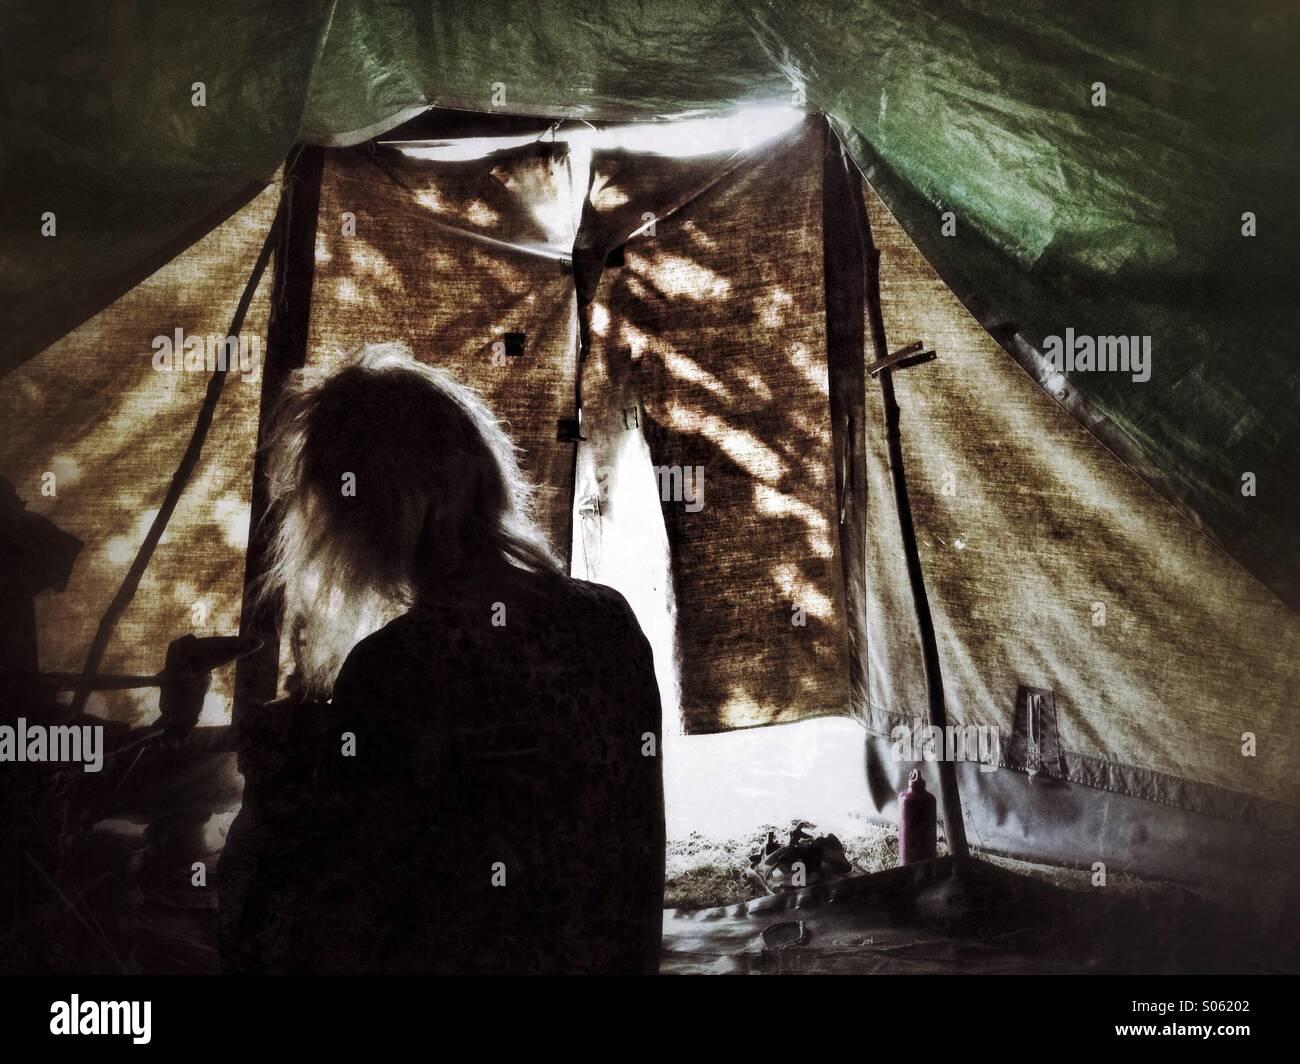 Im Inneren des Zeltes Stockbild